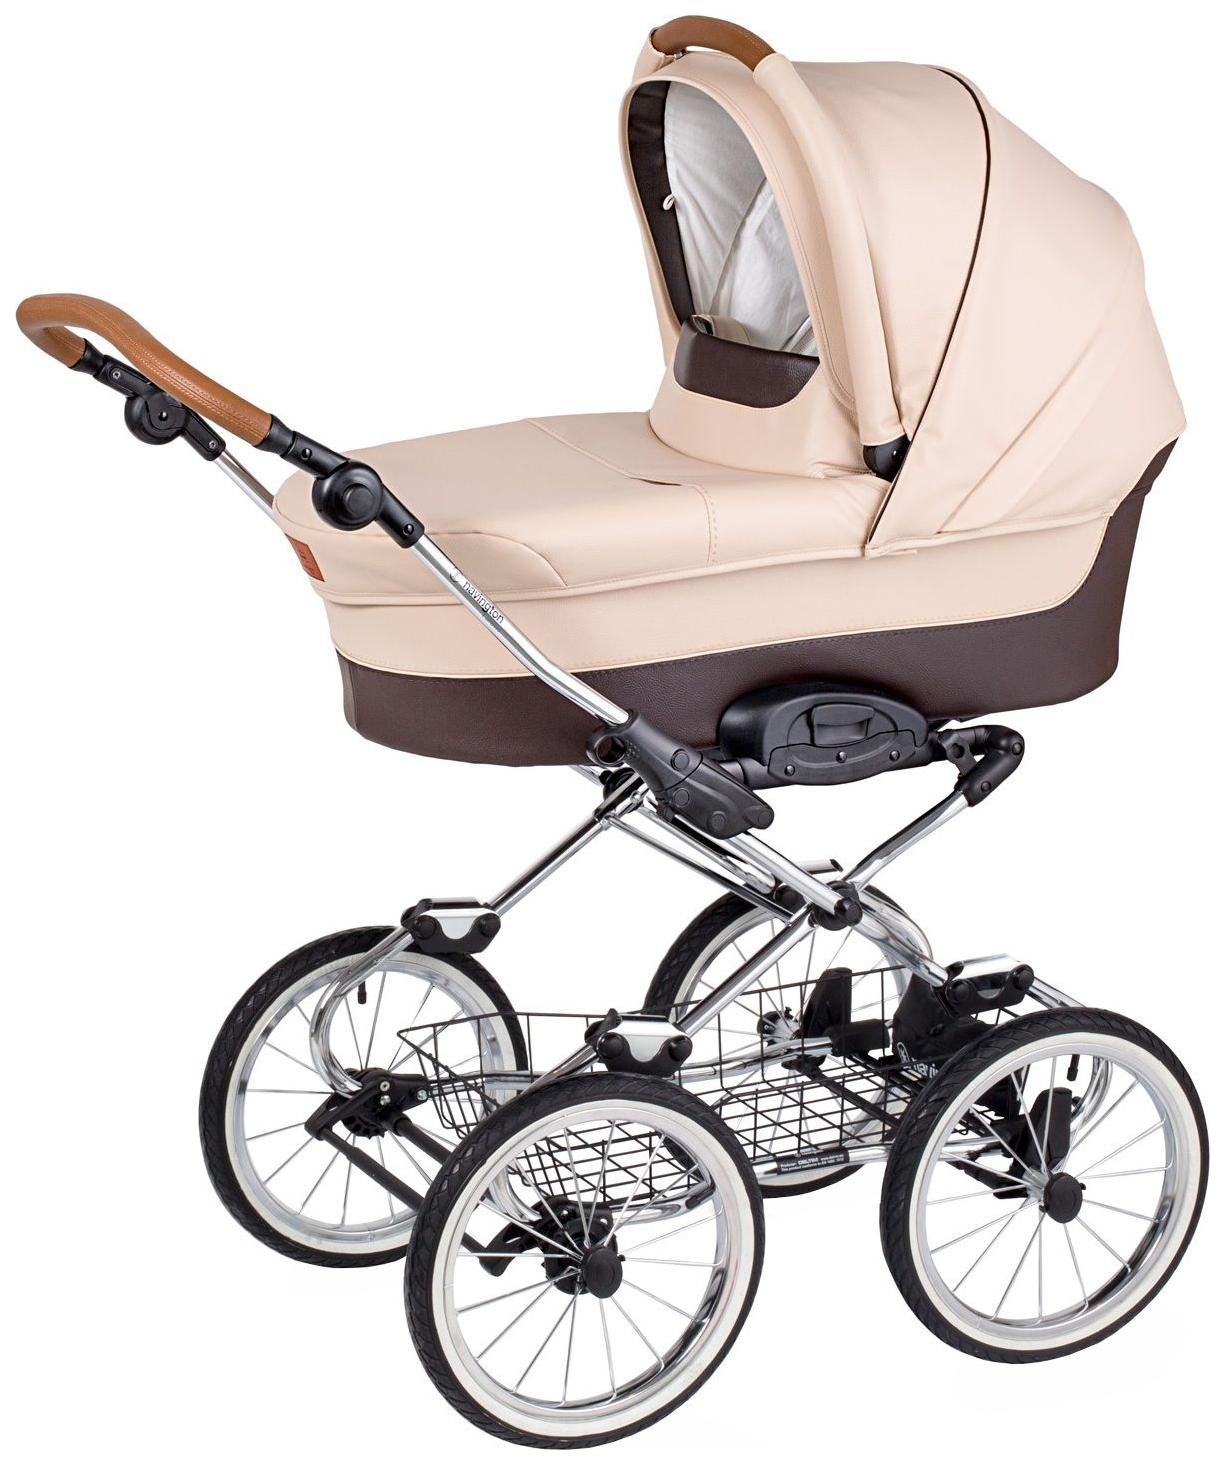 Купить Caravel 14, Коляска 2 в 1 Navington Carаvel колеса 14 Royal Sand, Детские коляски 2 в 1